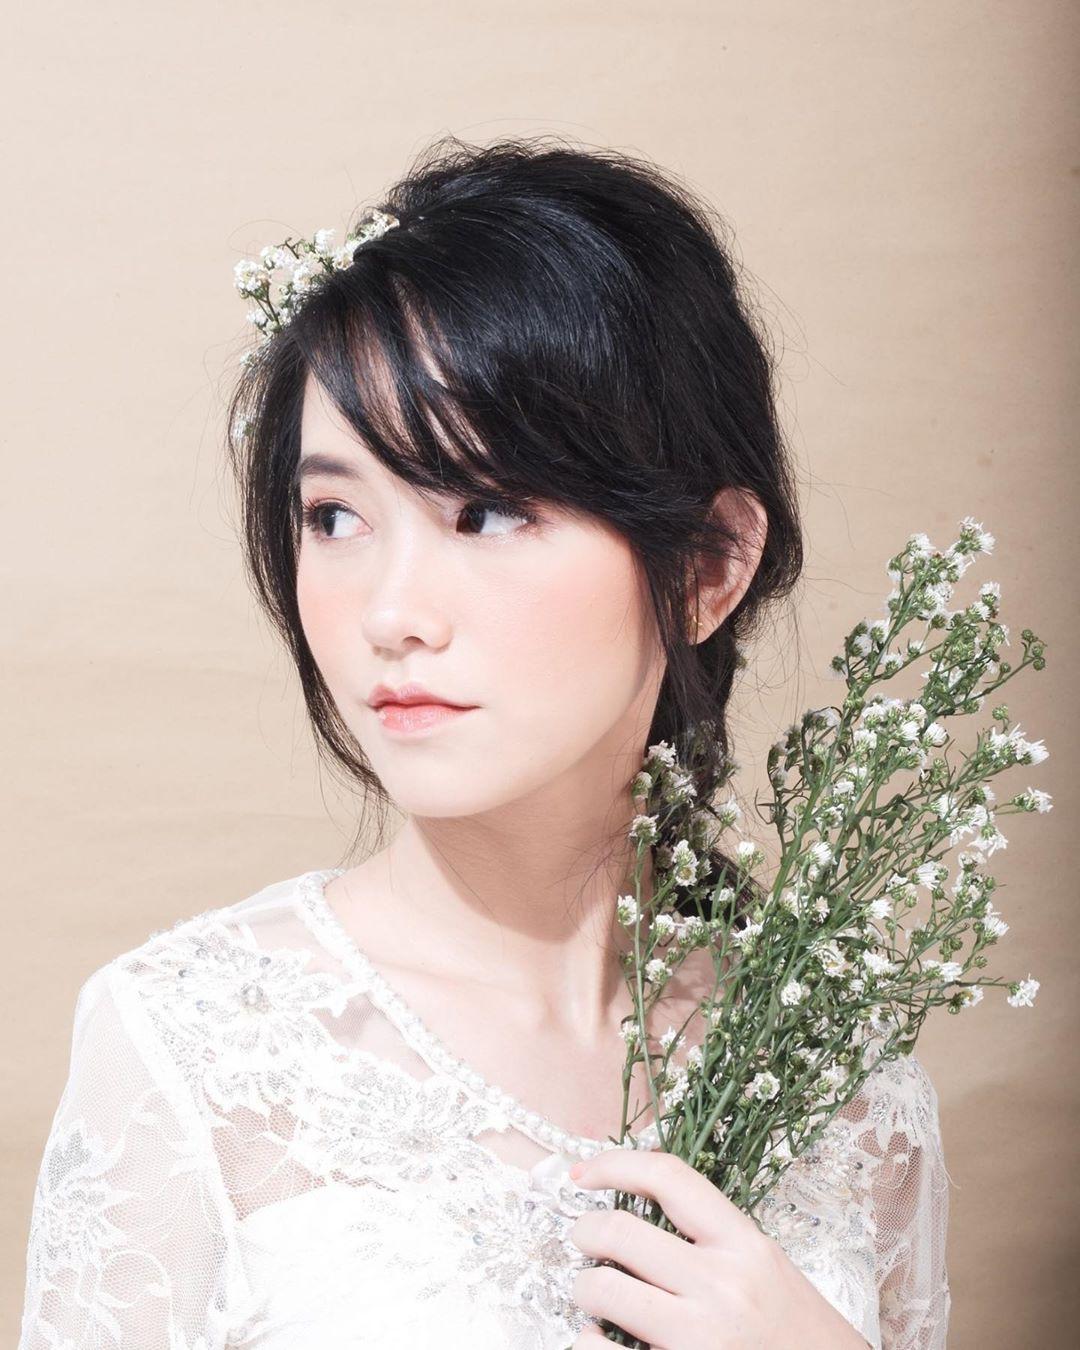 Ảnh 7: Nữ thẩm phán xinh đẹp - We25.vn